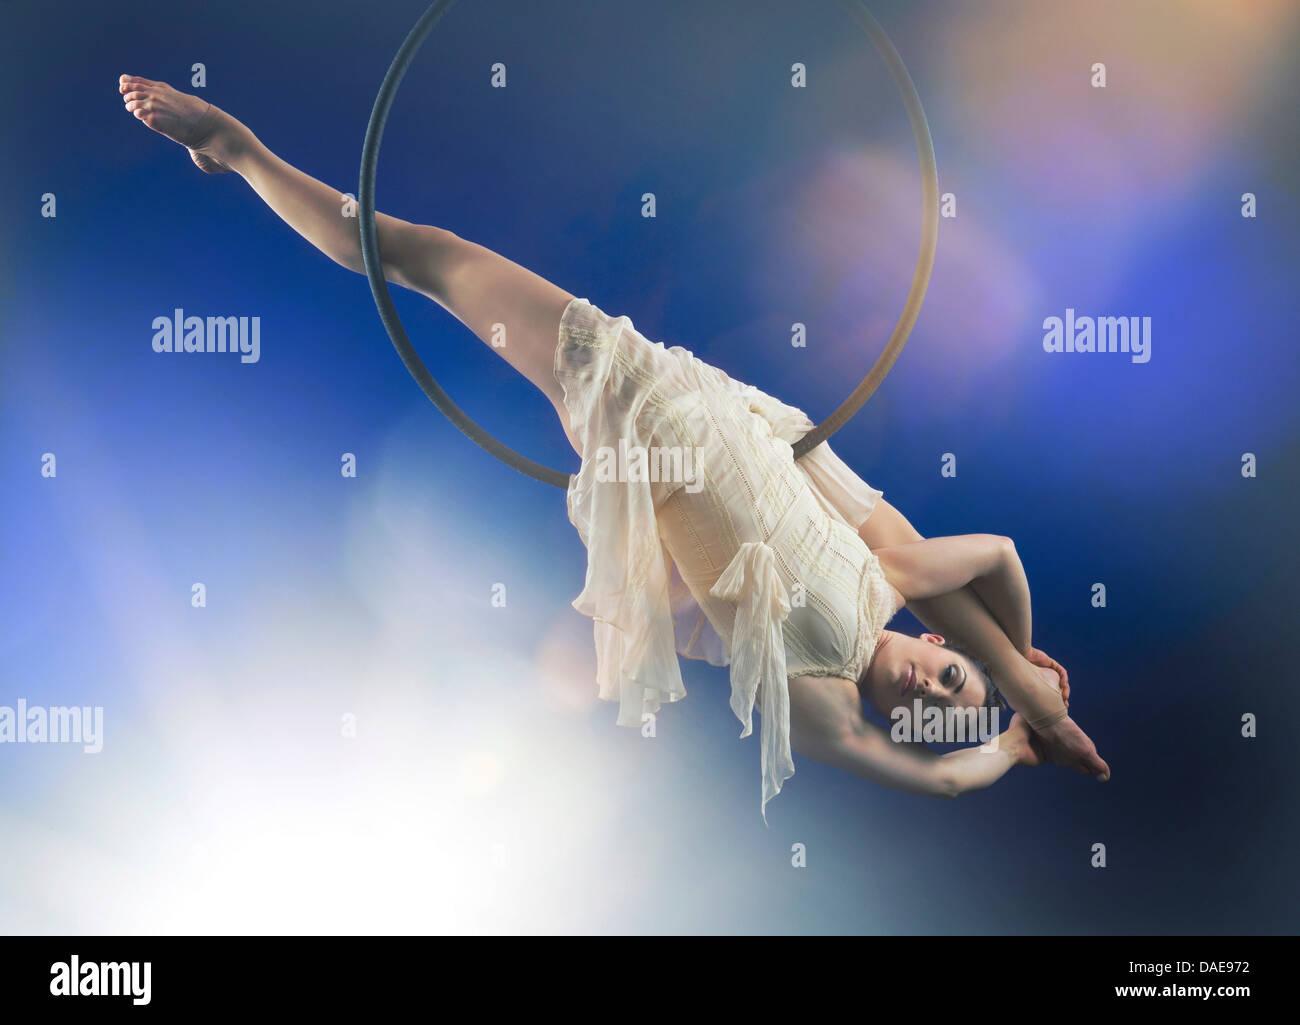 Studio shot of aerialist performing on hoop - Stock Image